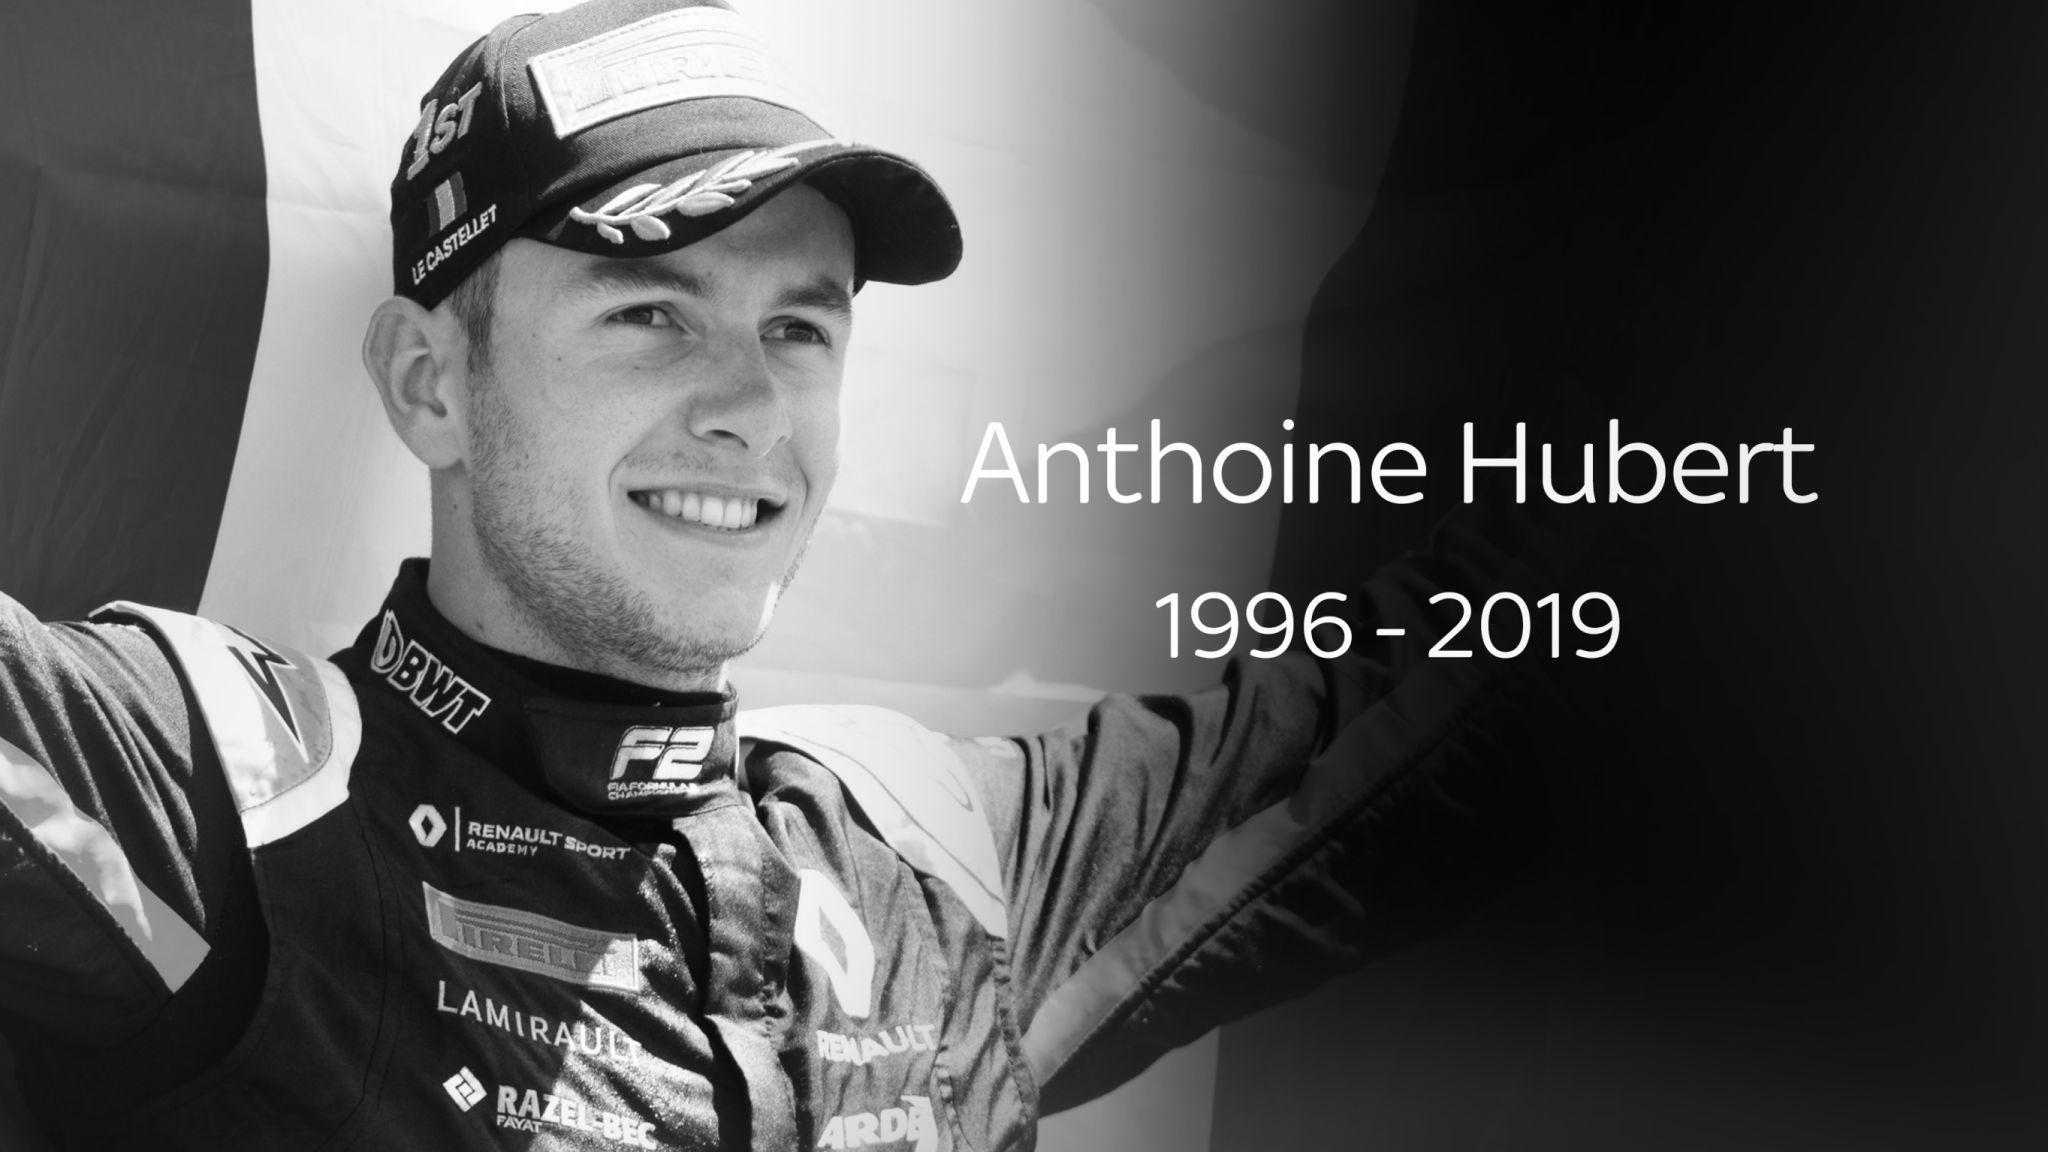 Τρομακτικό δυστύχημα σε αγώνα Formula 2 στο Βέλγιο -Νεκρός ο 22χρονος Γάλλος πιλότος